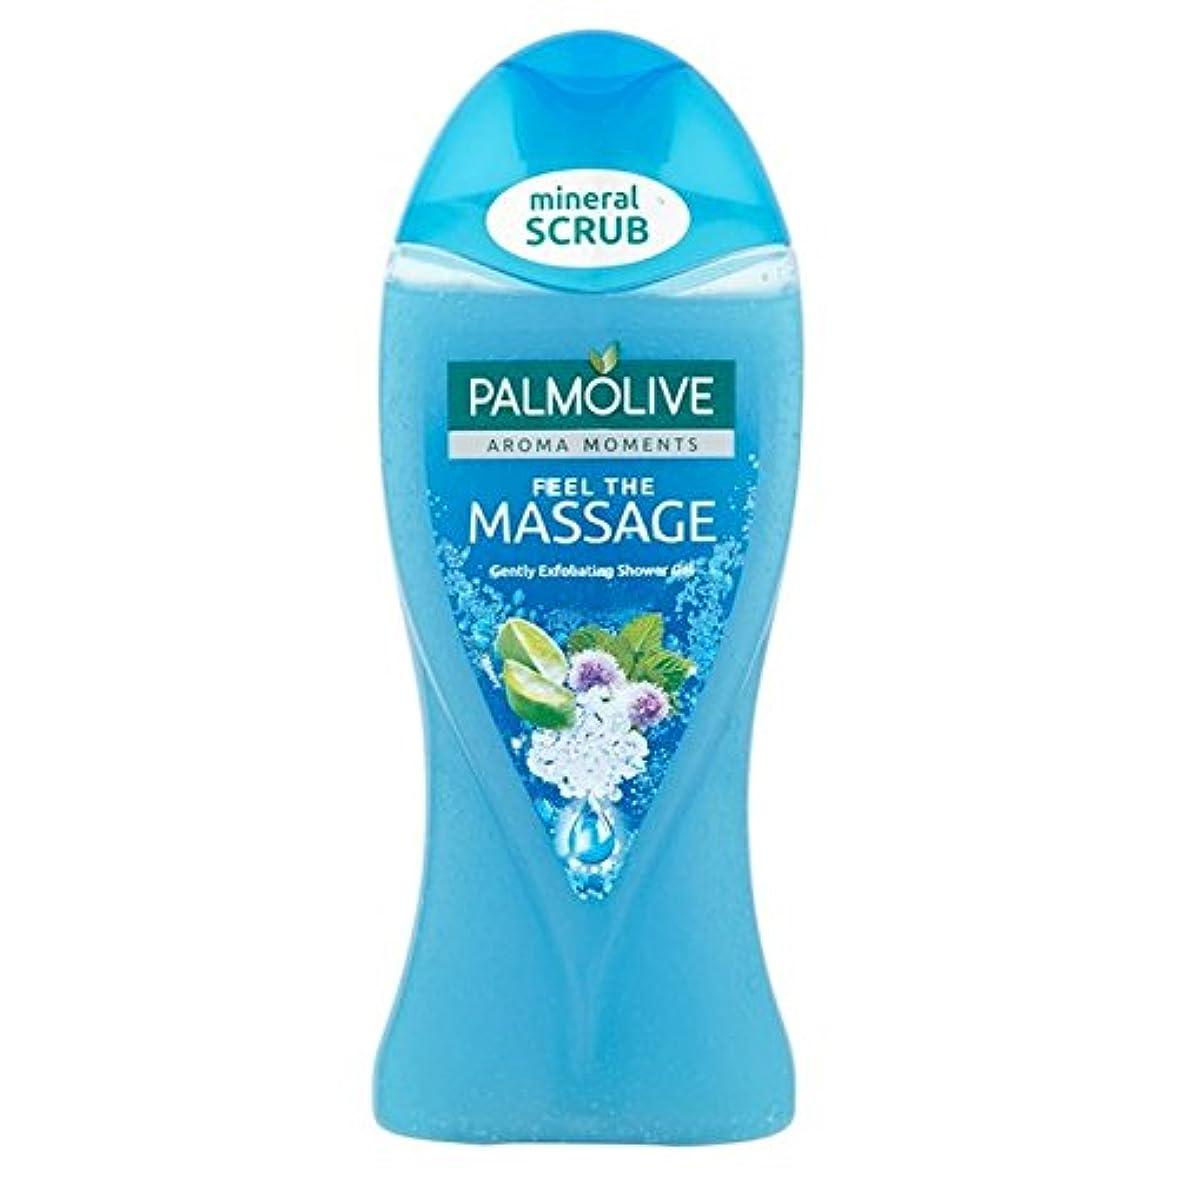 ハミングバード幻滅する本体パルモシャワージェルマッサージ250ミリリットル x2 - Palmolive Shower Gel Massage 250ml (Pack of 2) [並行輸入品]